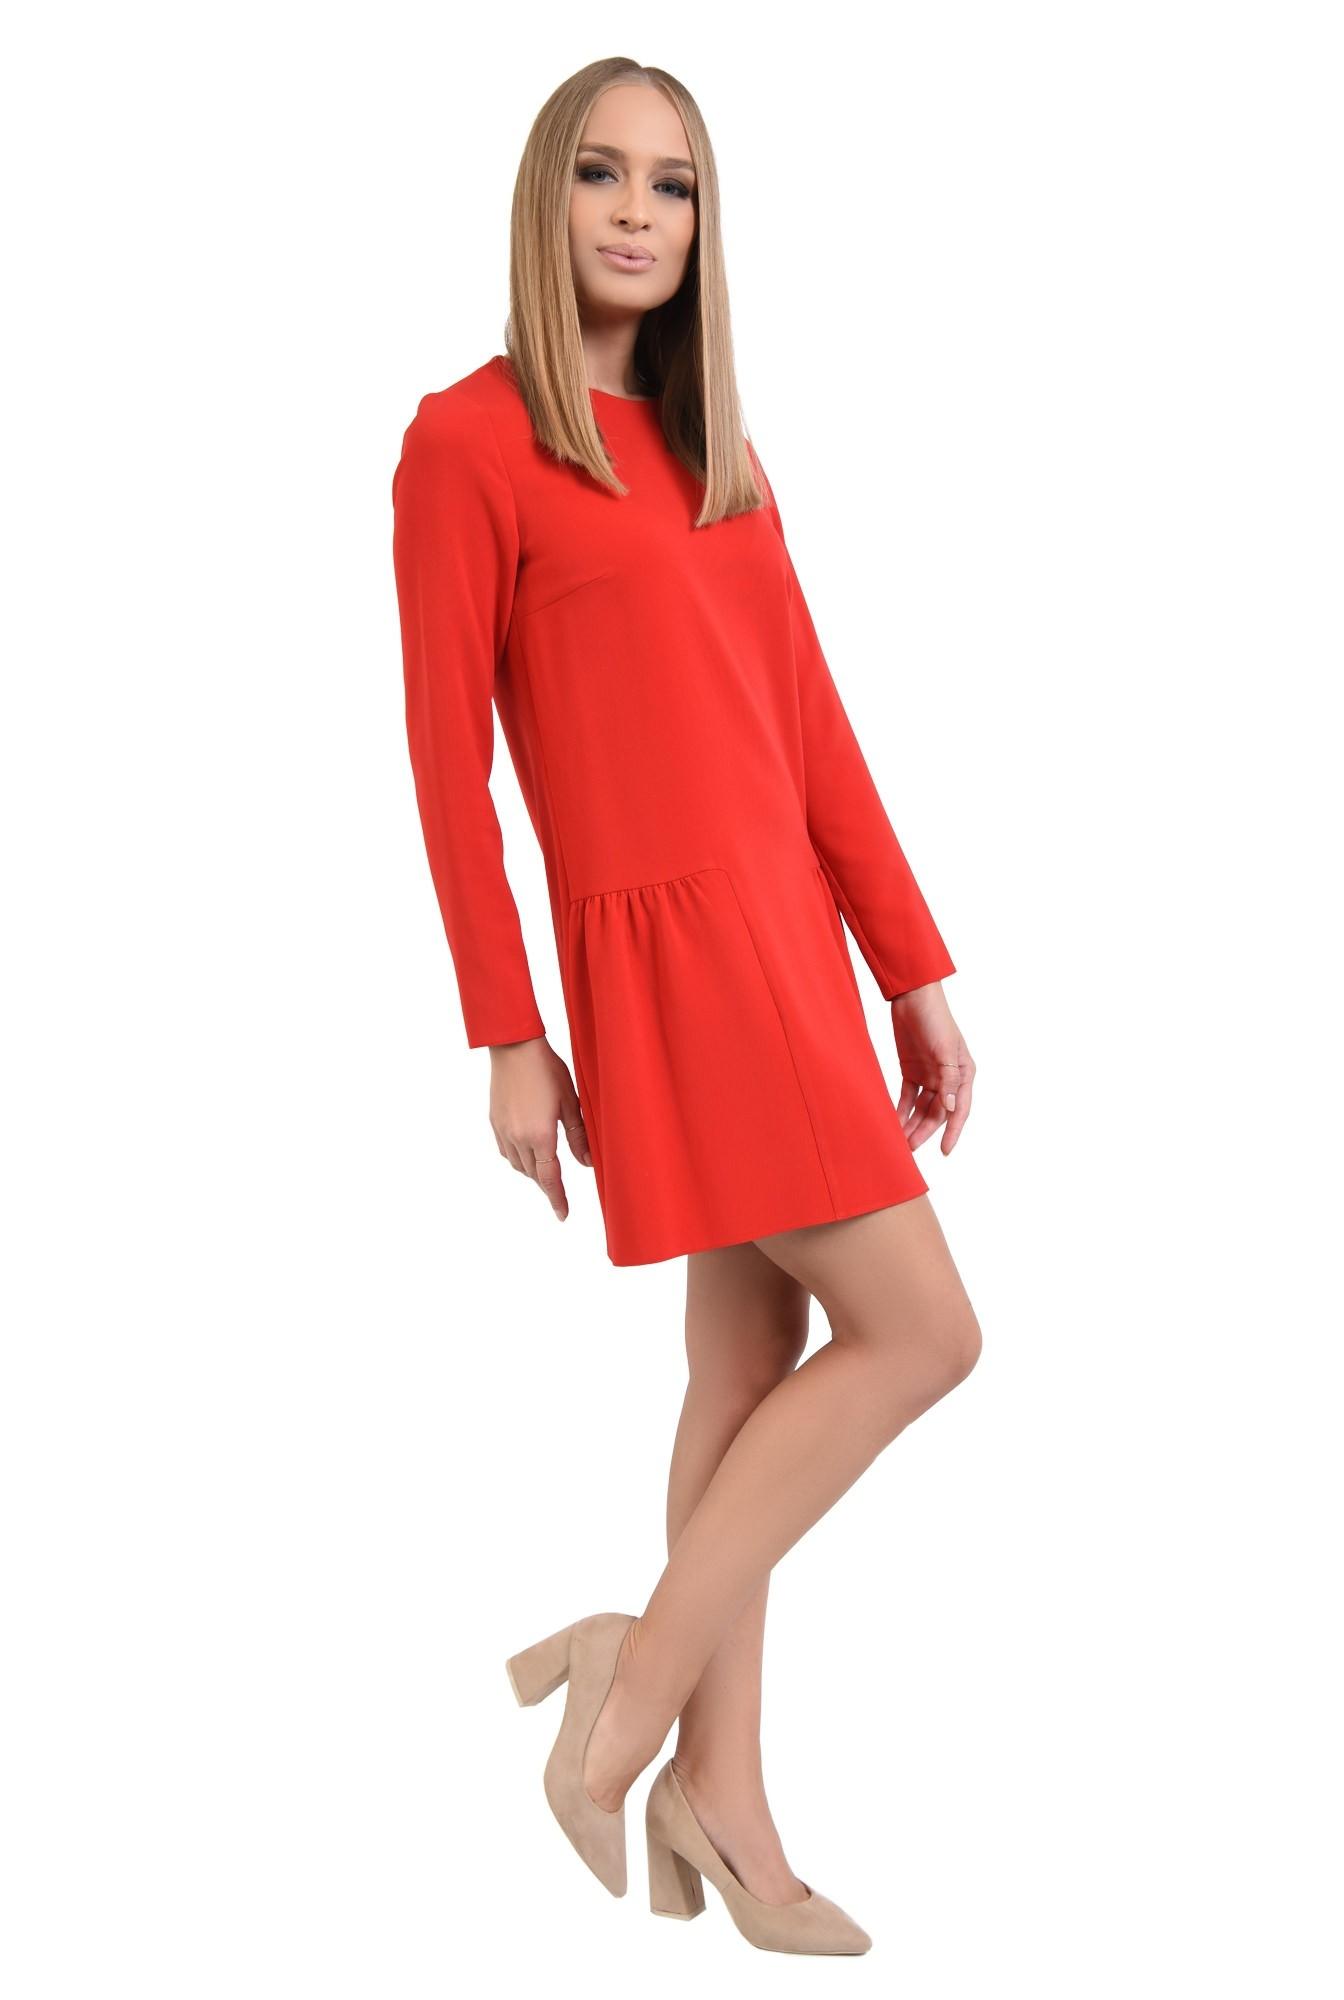 0 - rochie casual, mini, rosu, maneci lungi, decolteu rotund, pliuri